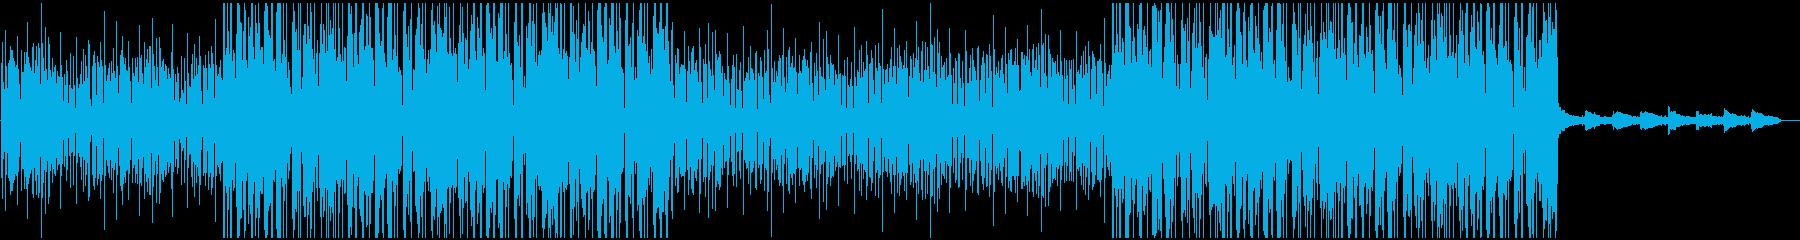 [ローファイ]カフェで流れていそうな曲の再生済みの波形